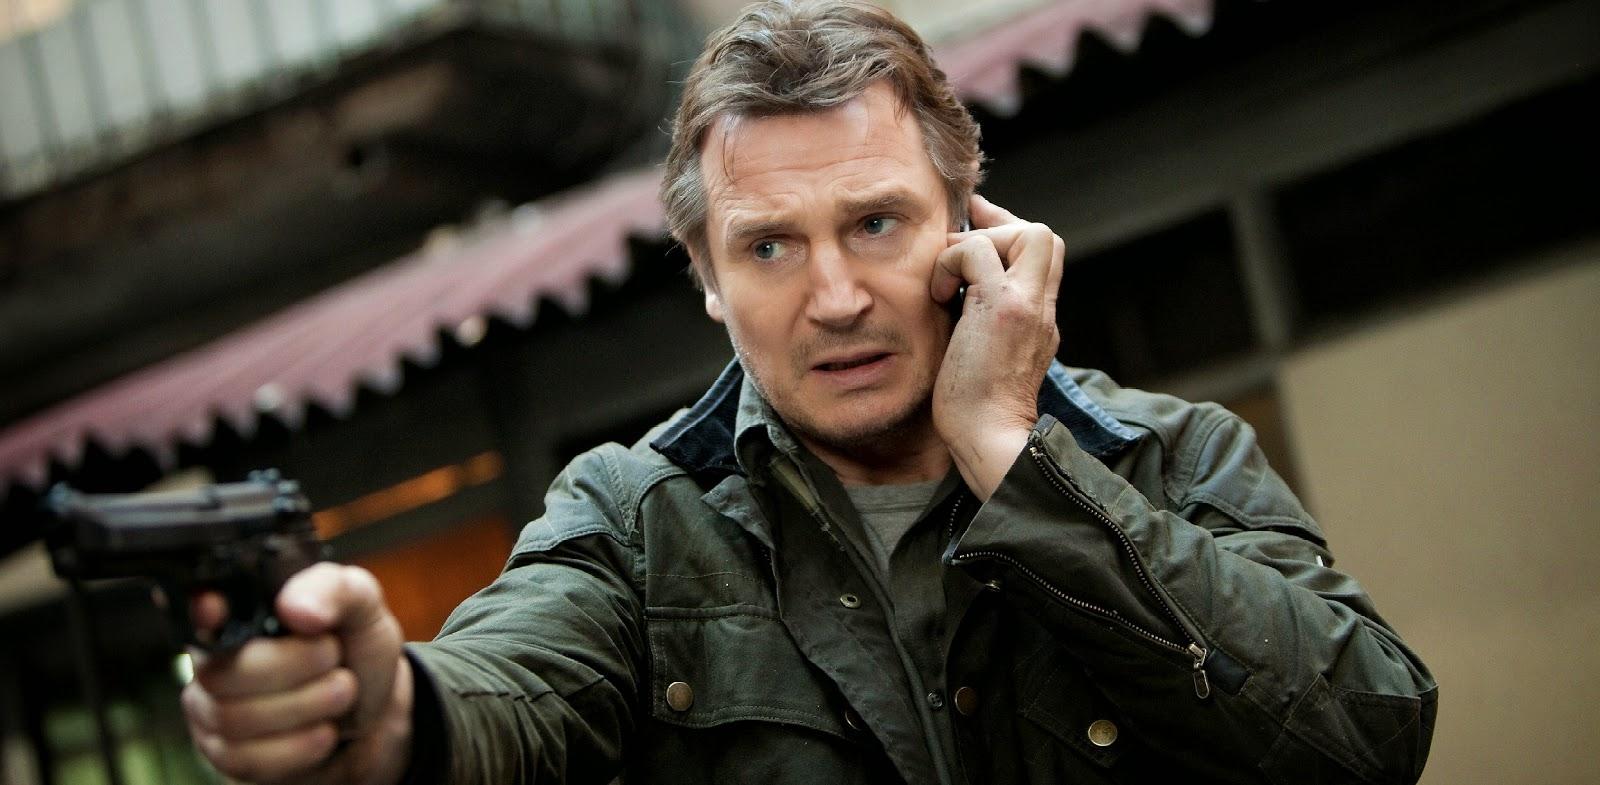 Liam Neeson entra para o elenco do drama de fantasia A Monster Calls, de JA Bayona